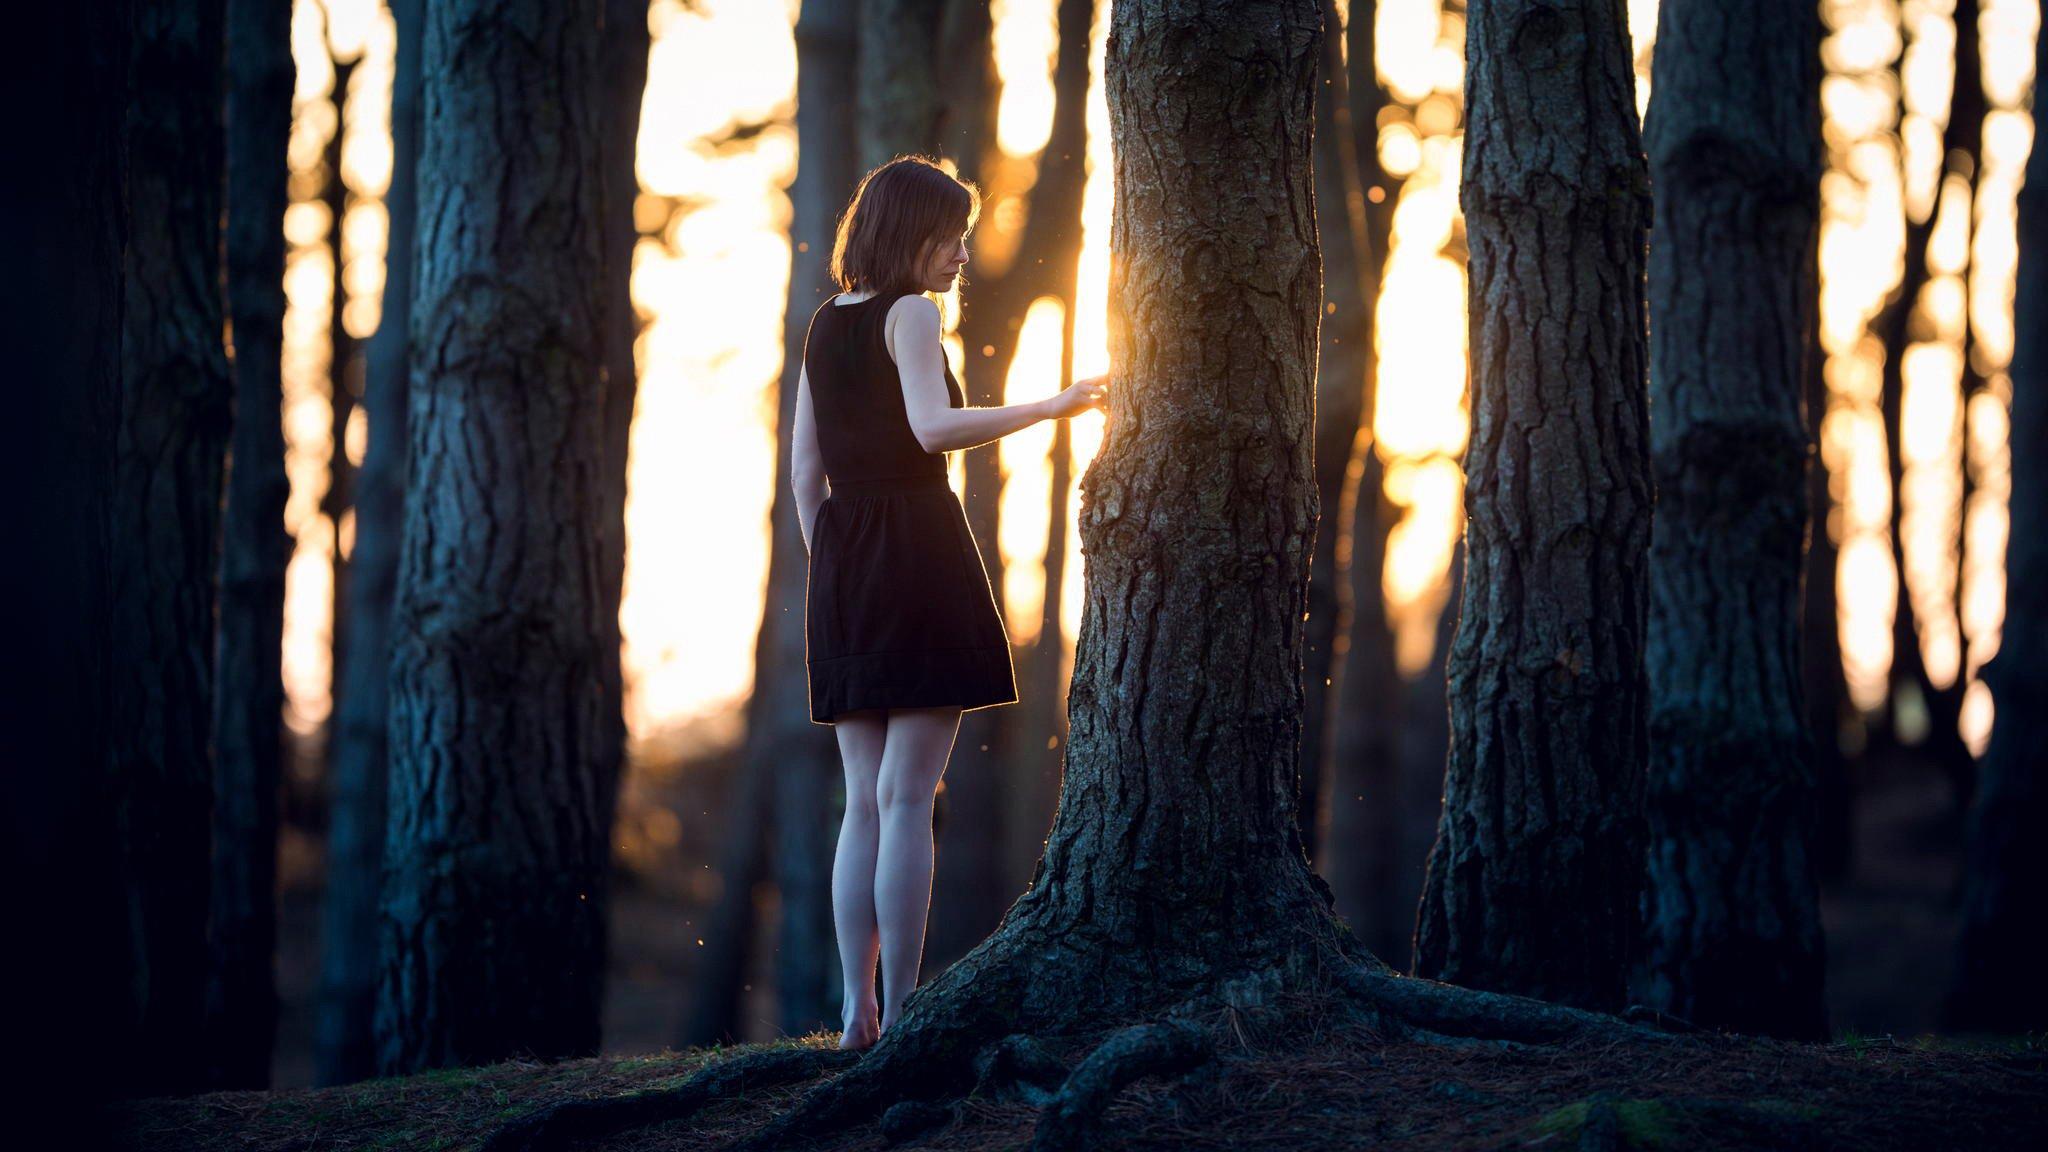 девушка лес вечер на телефон